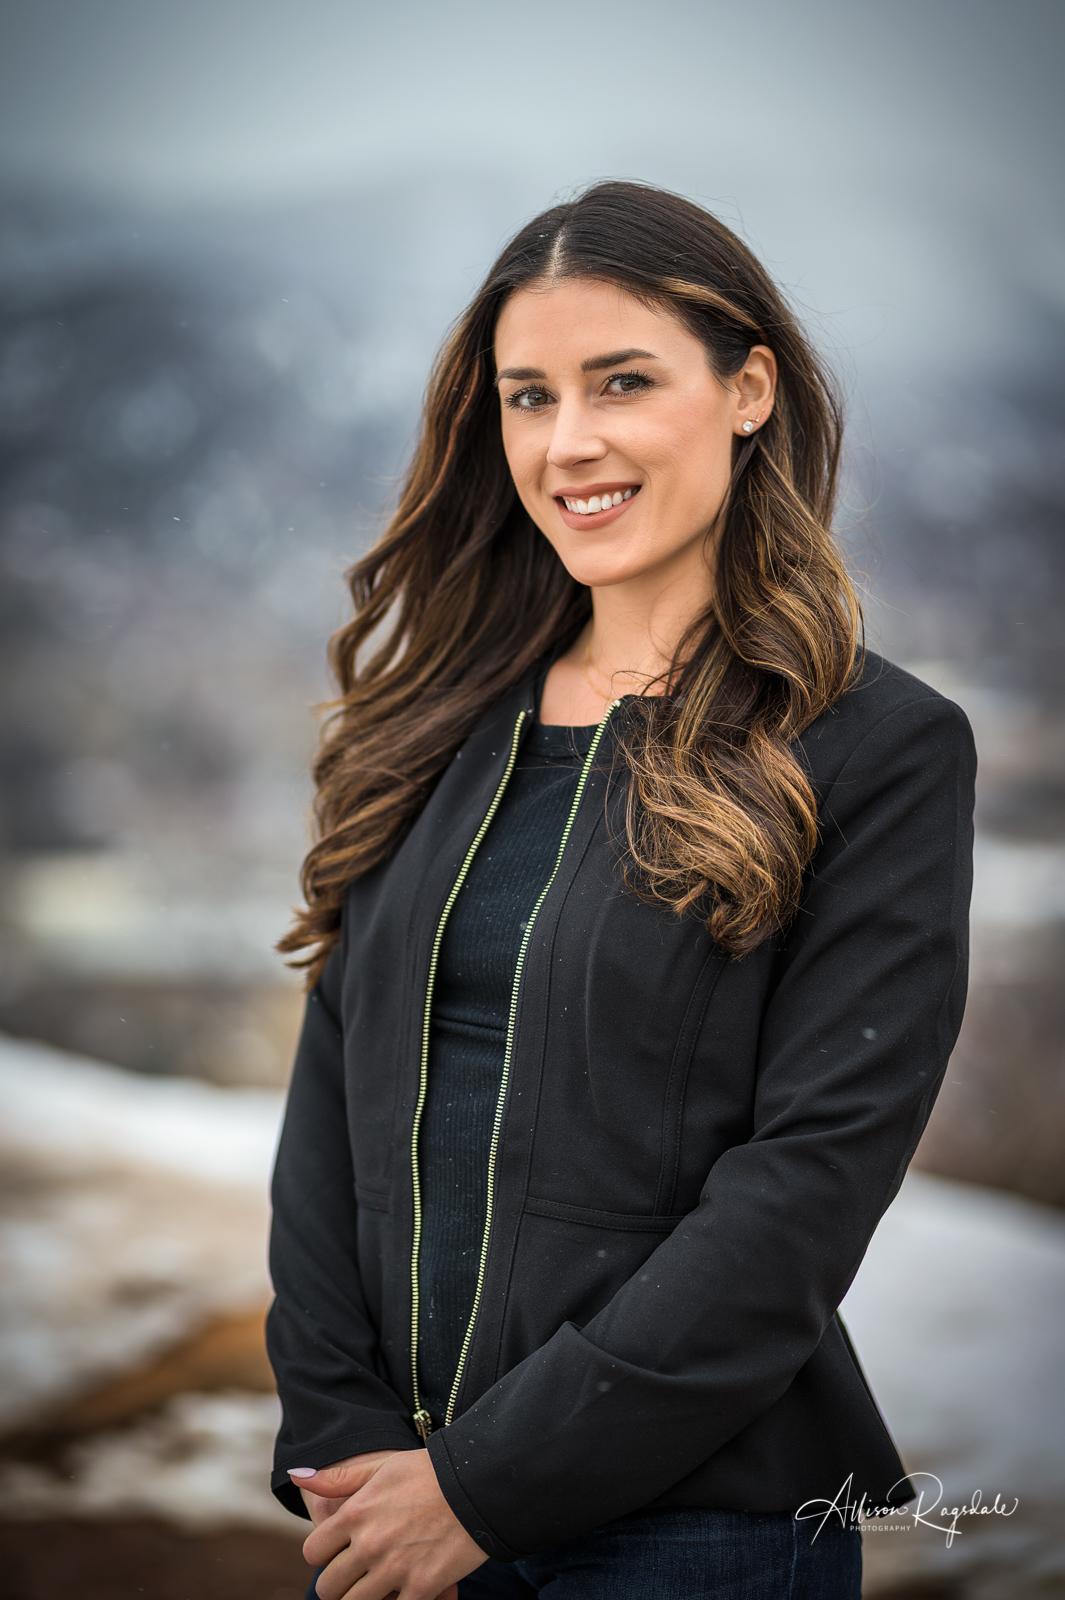 Alanna Forster's Headshots - Durango, CO